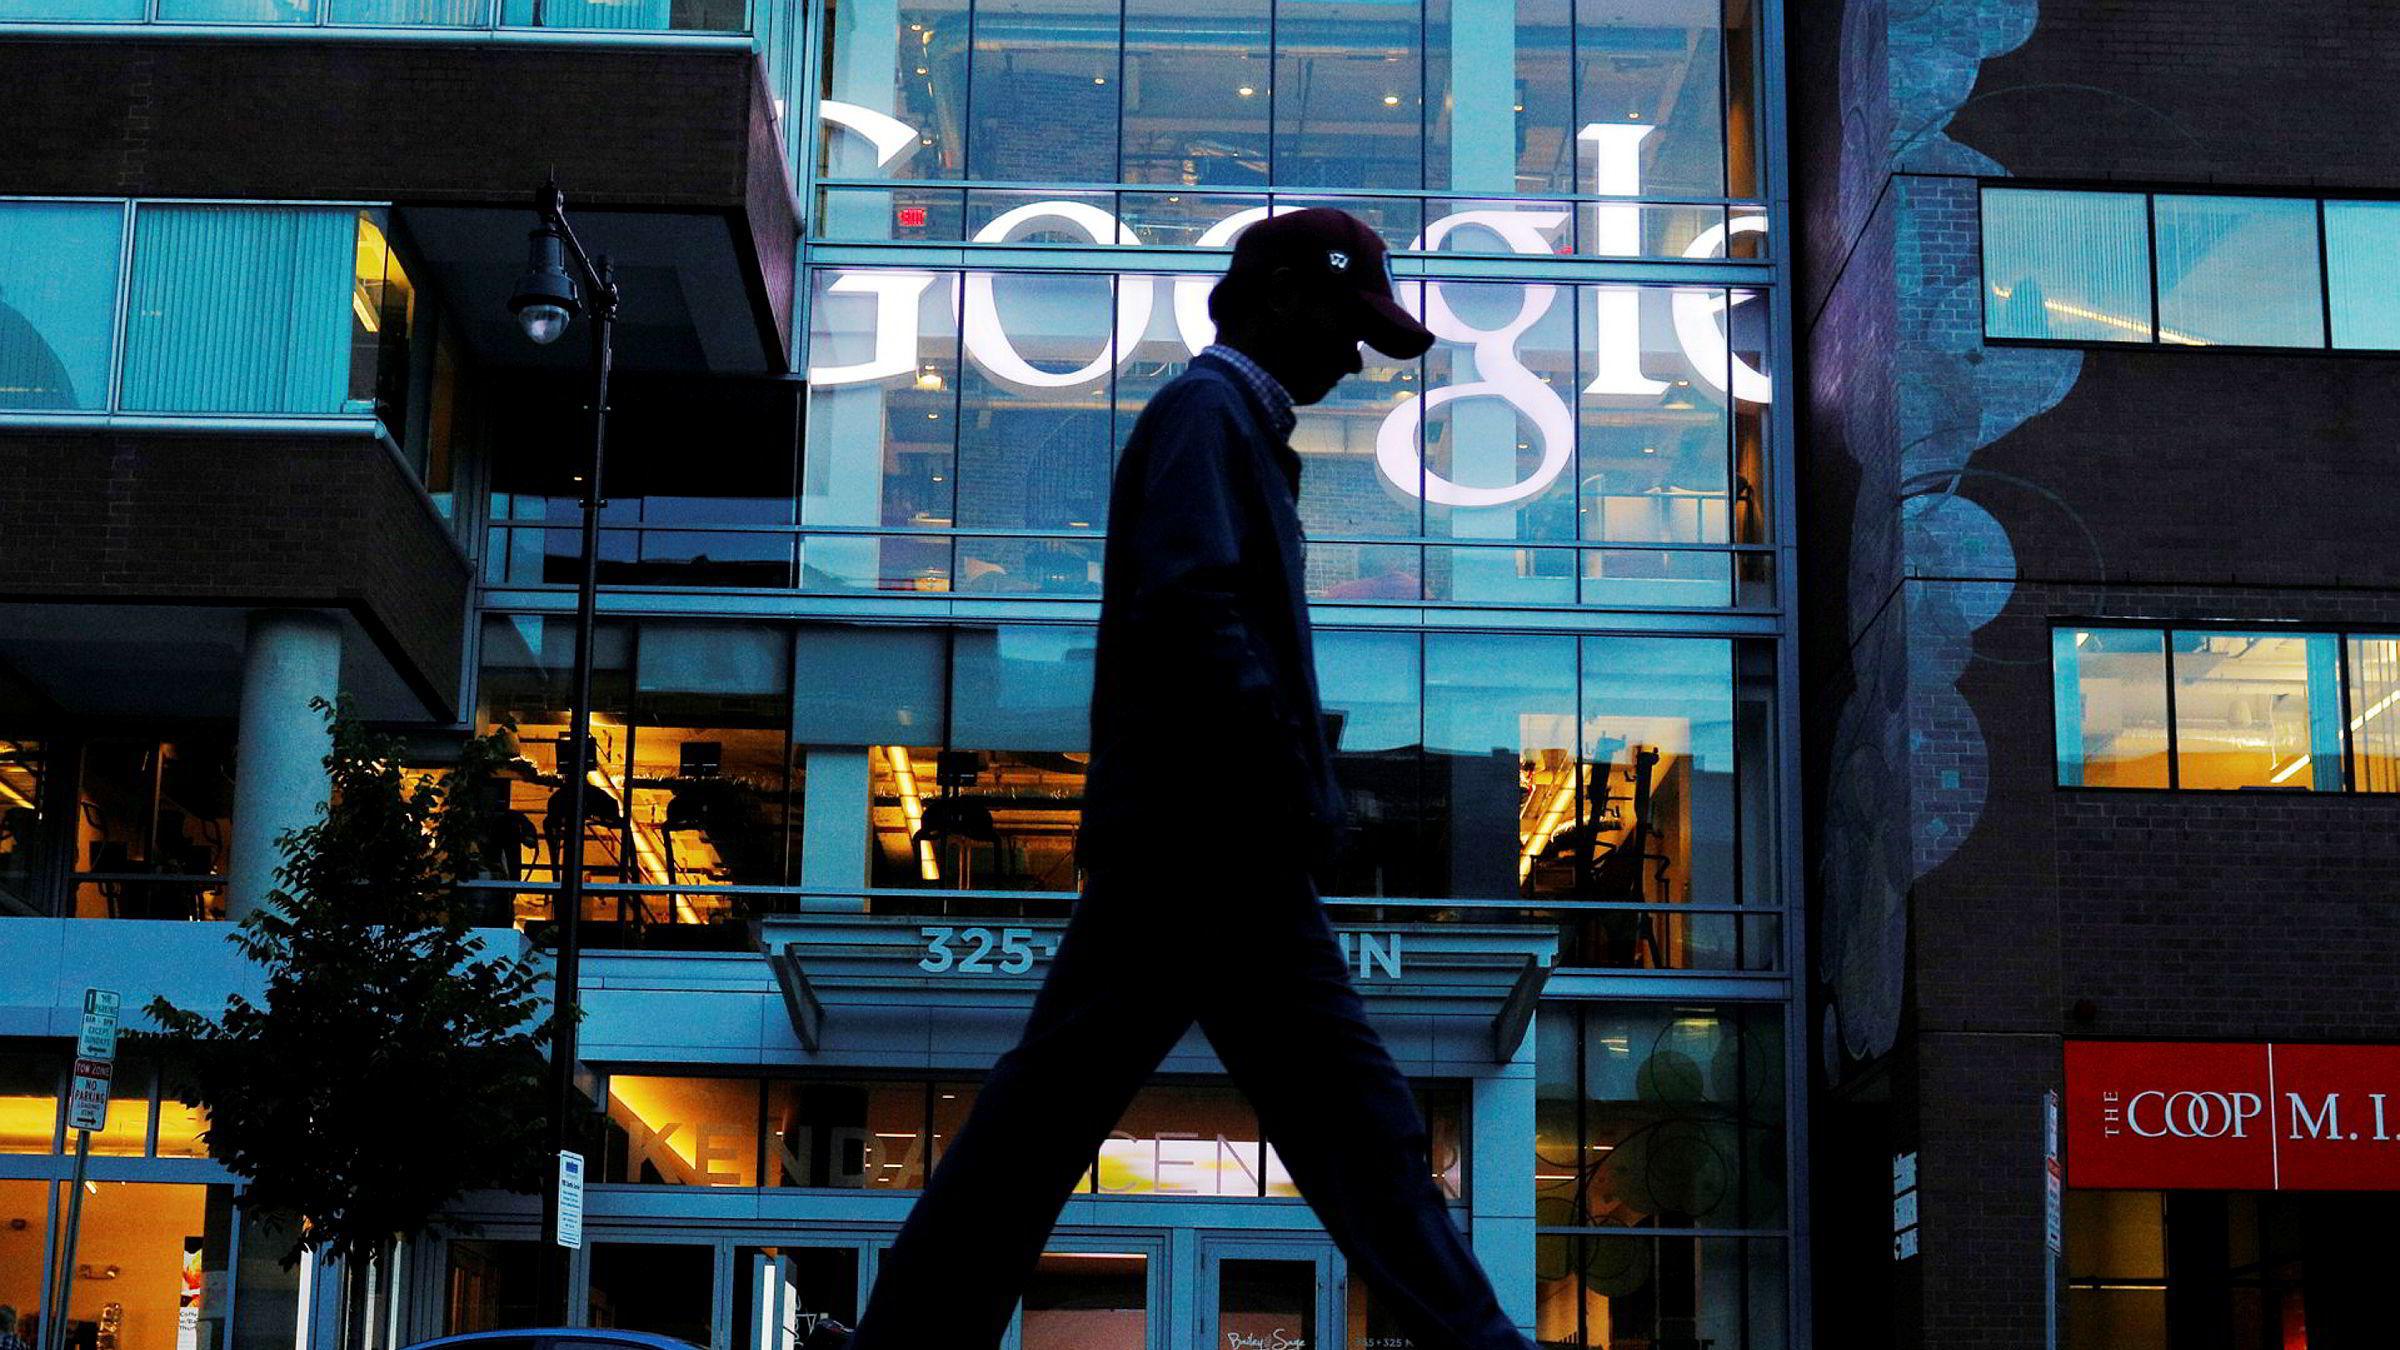 Selskapet Google ble bøtelagt for å ha misbrukt sin dominerende posisjon i internettsøkmarkedet.